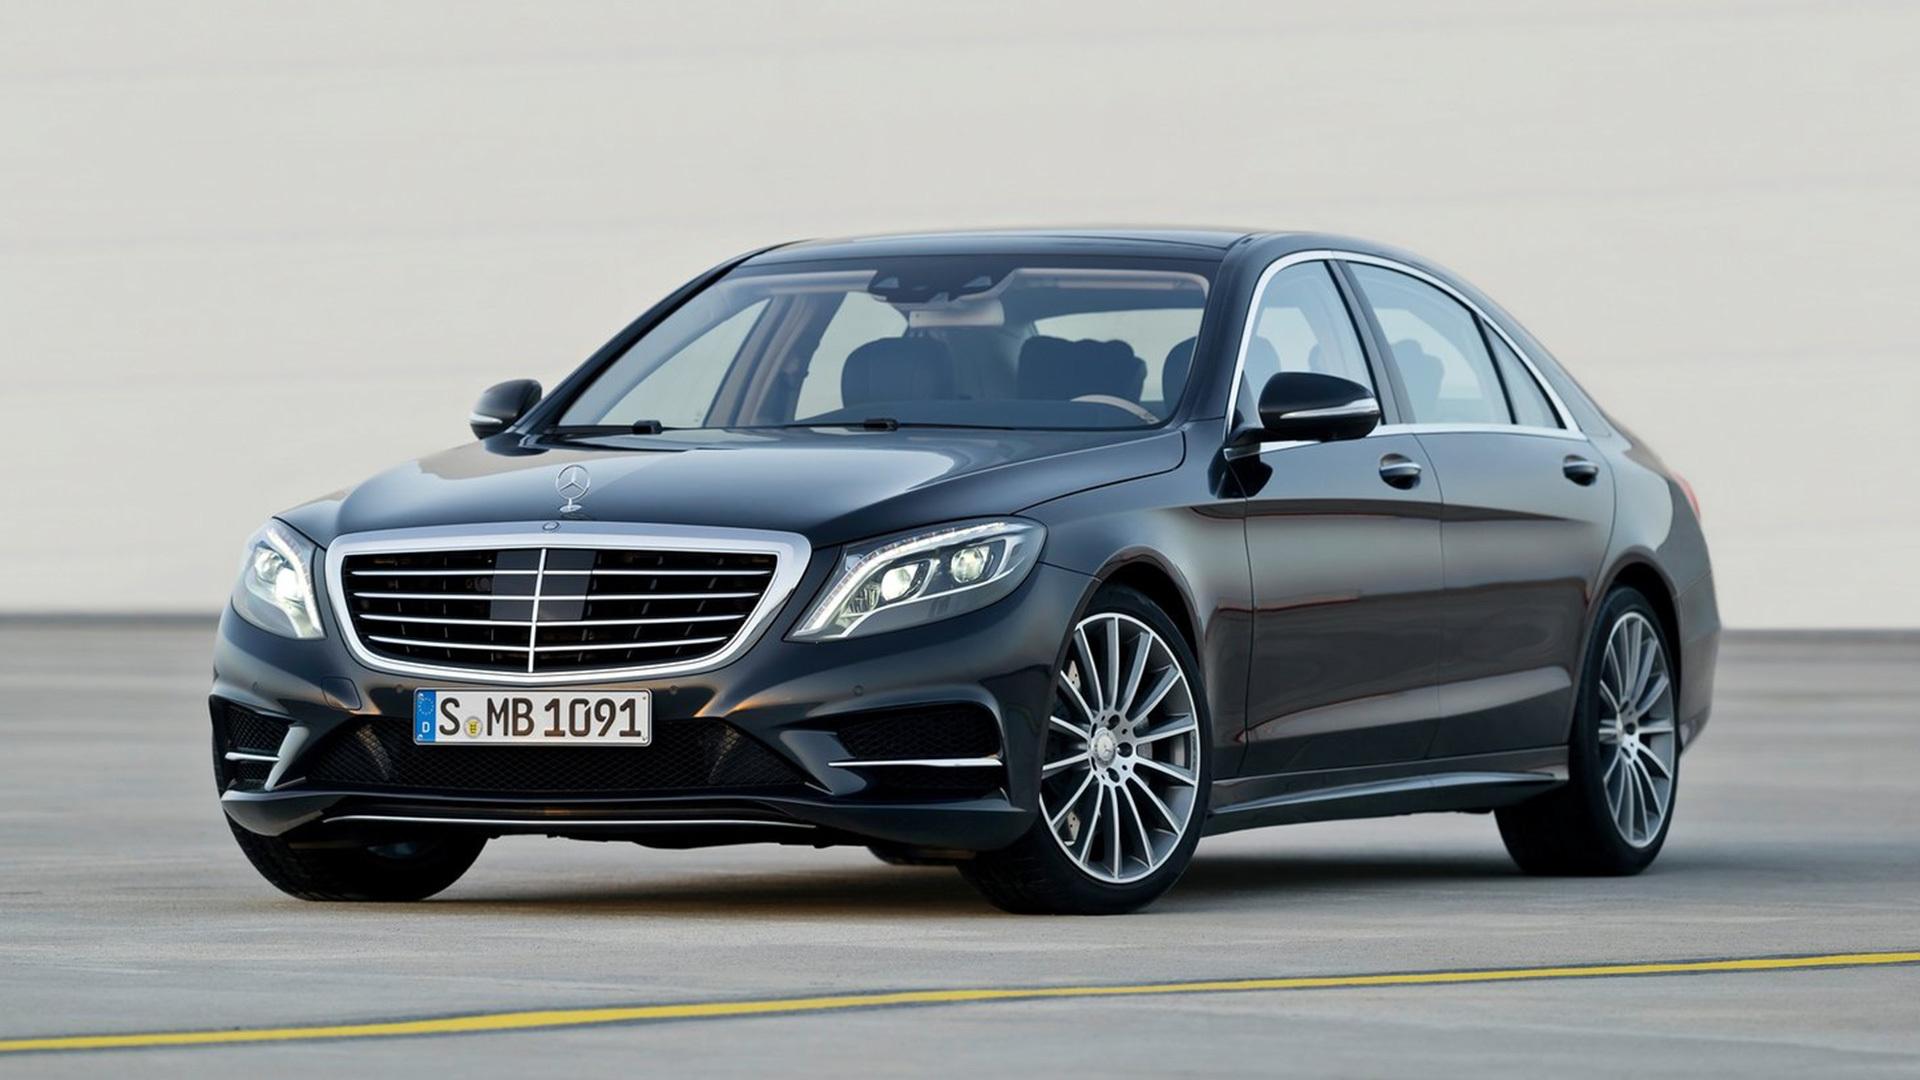 49128 скачать обои Транспорт, Машины, Мерседес (Mercedes) - заставки и картинки бесплатно